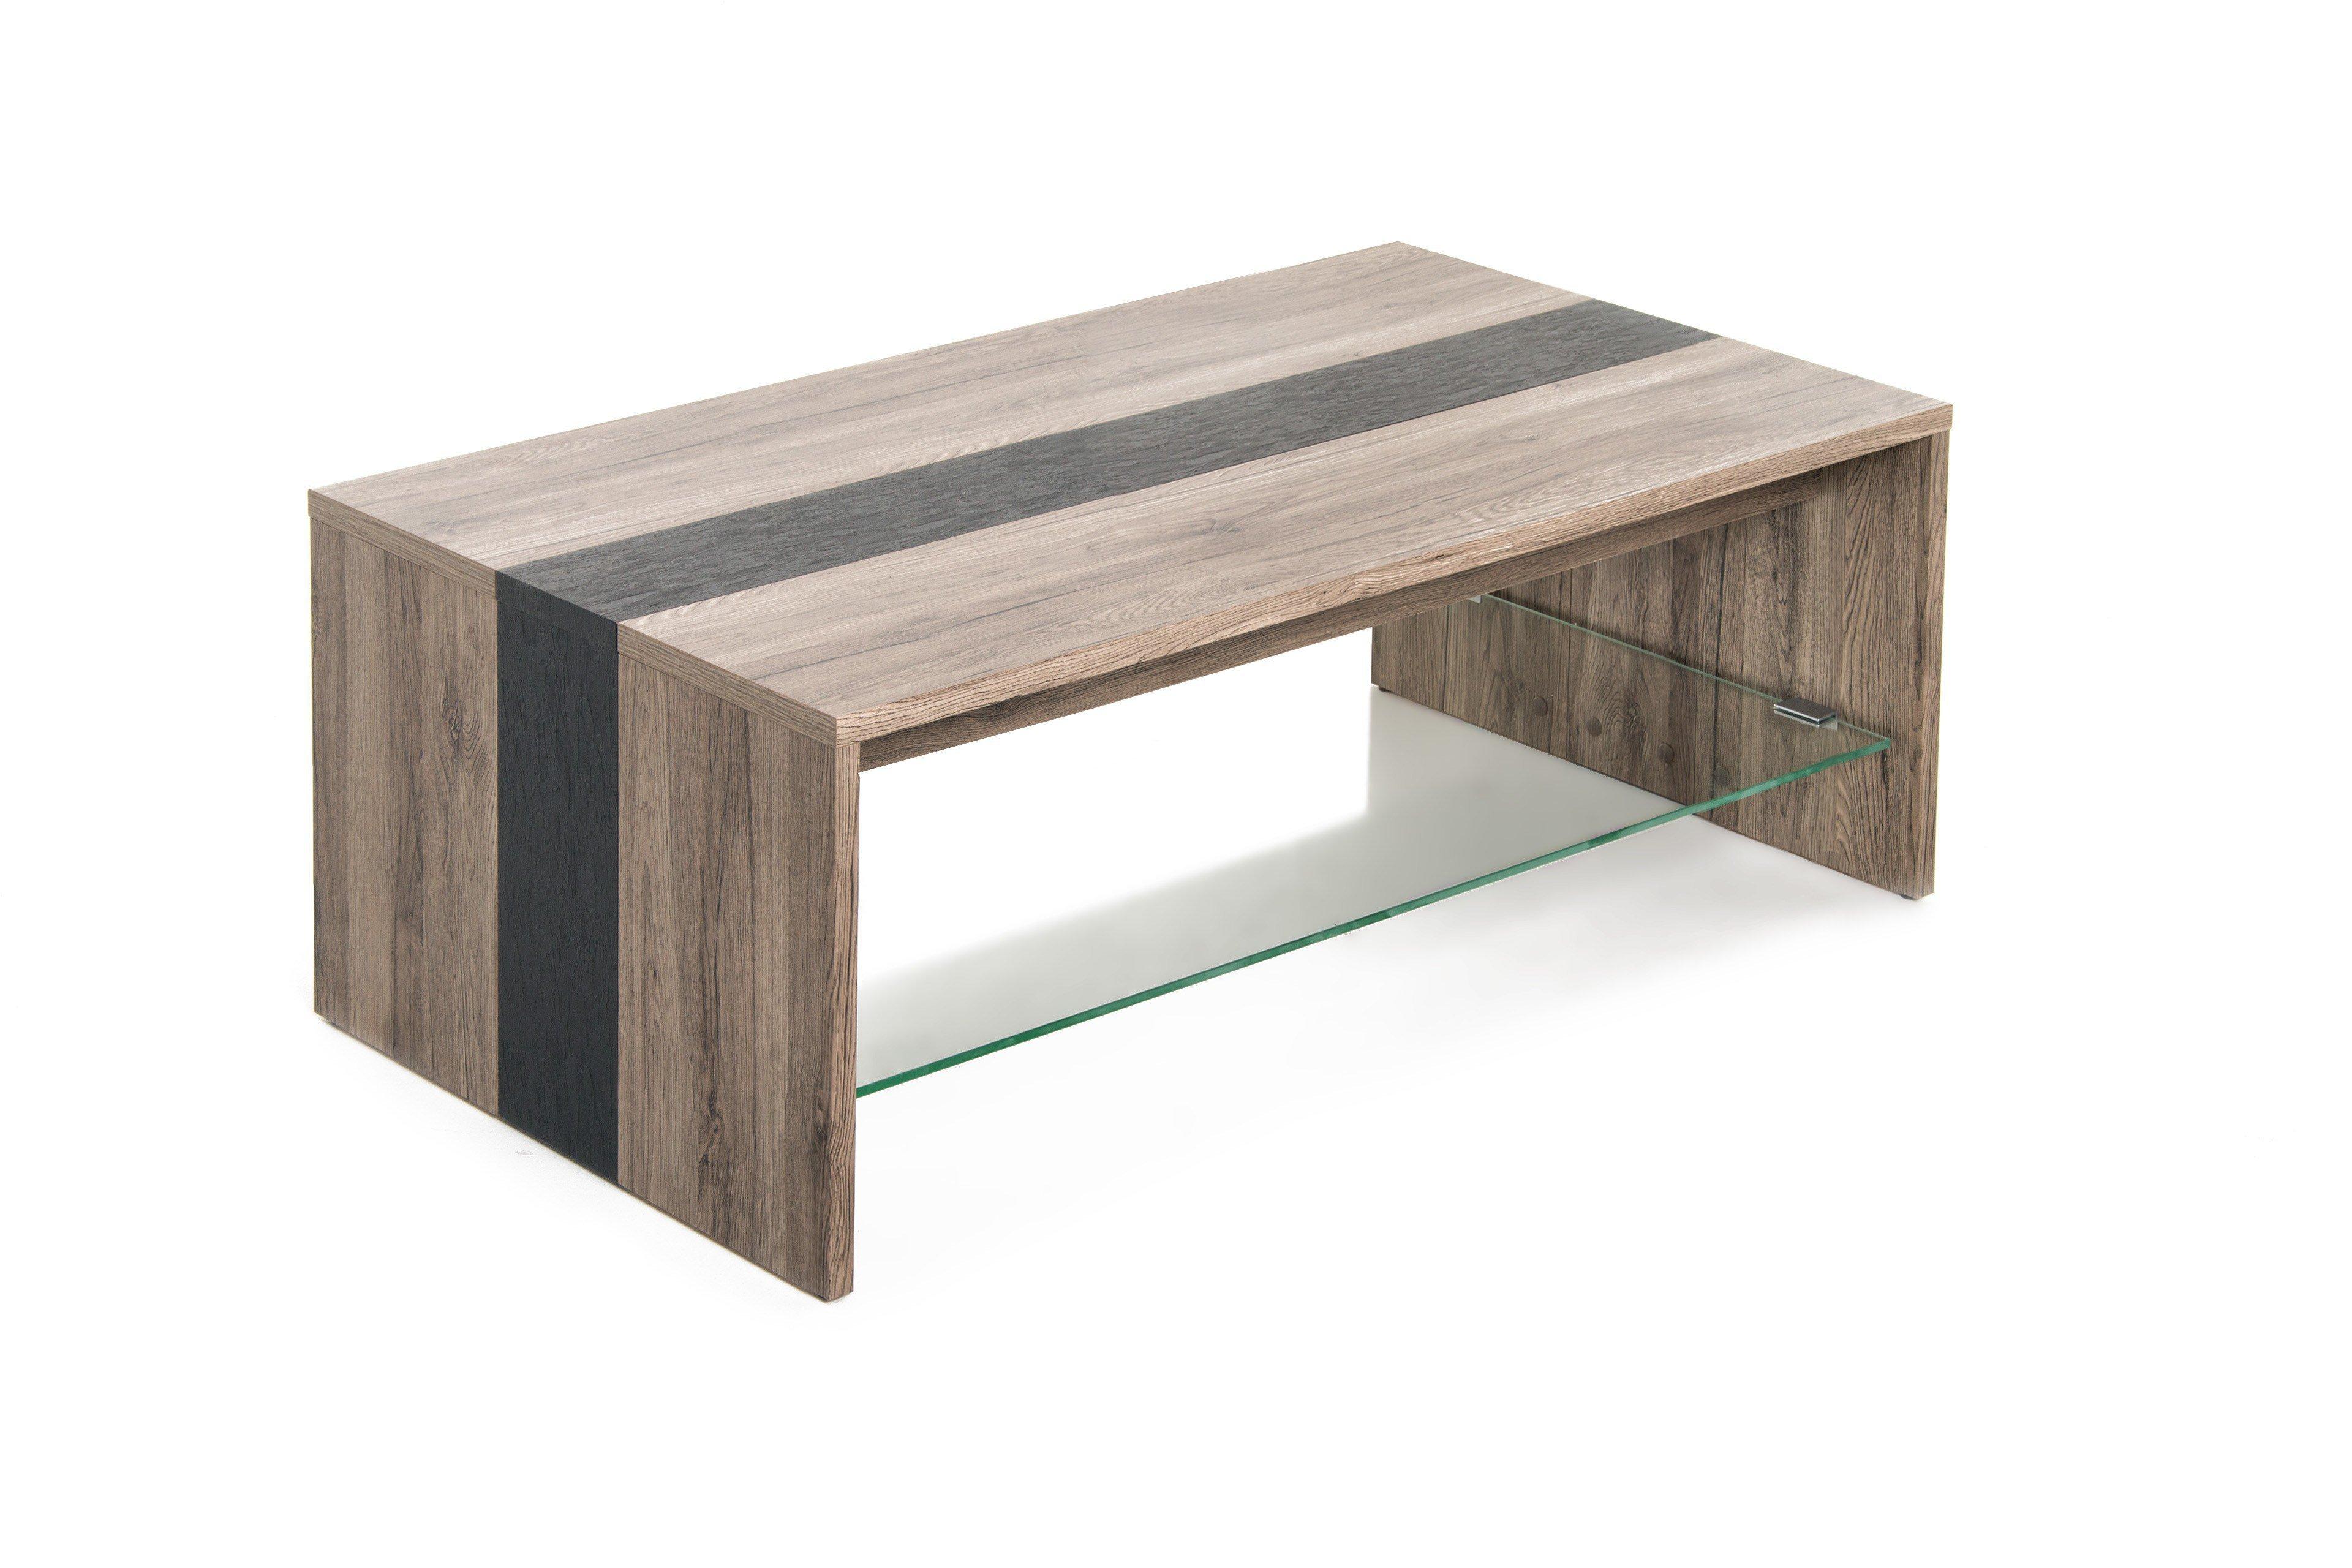 innostyle couchtisch deal 29 09 zz 02 m bel letz ihr. Black Bedroom Furniture Sets. Home Design Ideas